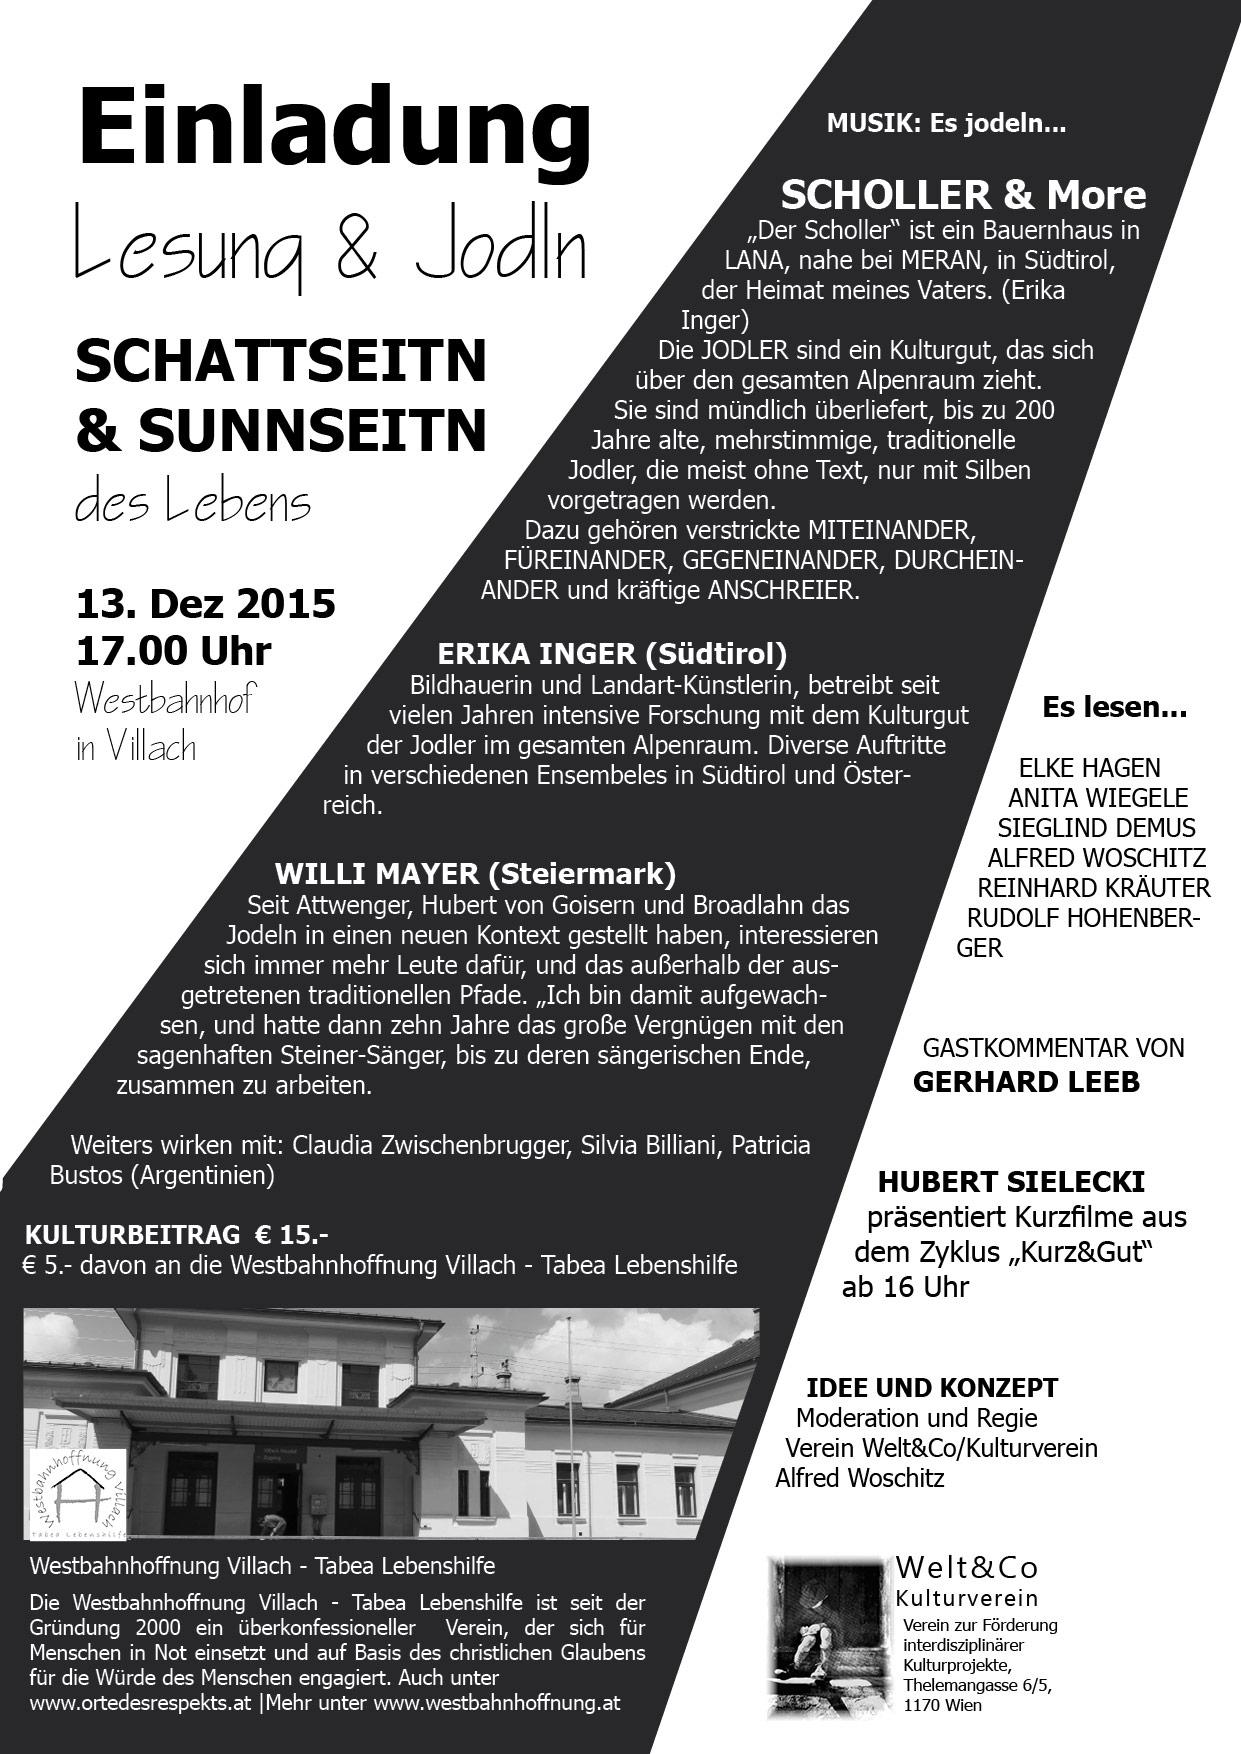 Einladung zur Lesung & Jodln, am 13. Dezember 2015, 16 Uhr, Westbahnhof Villach